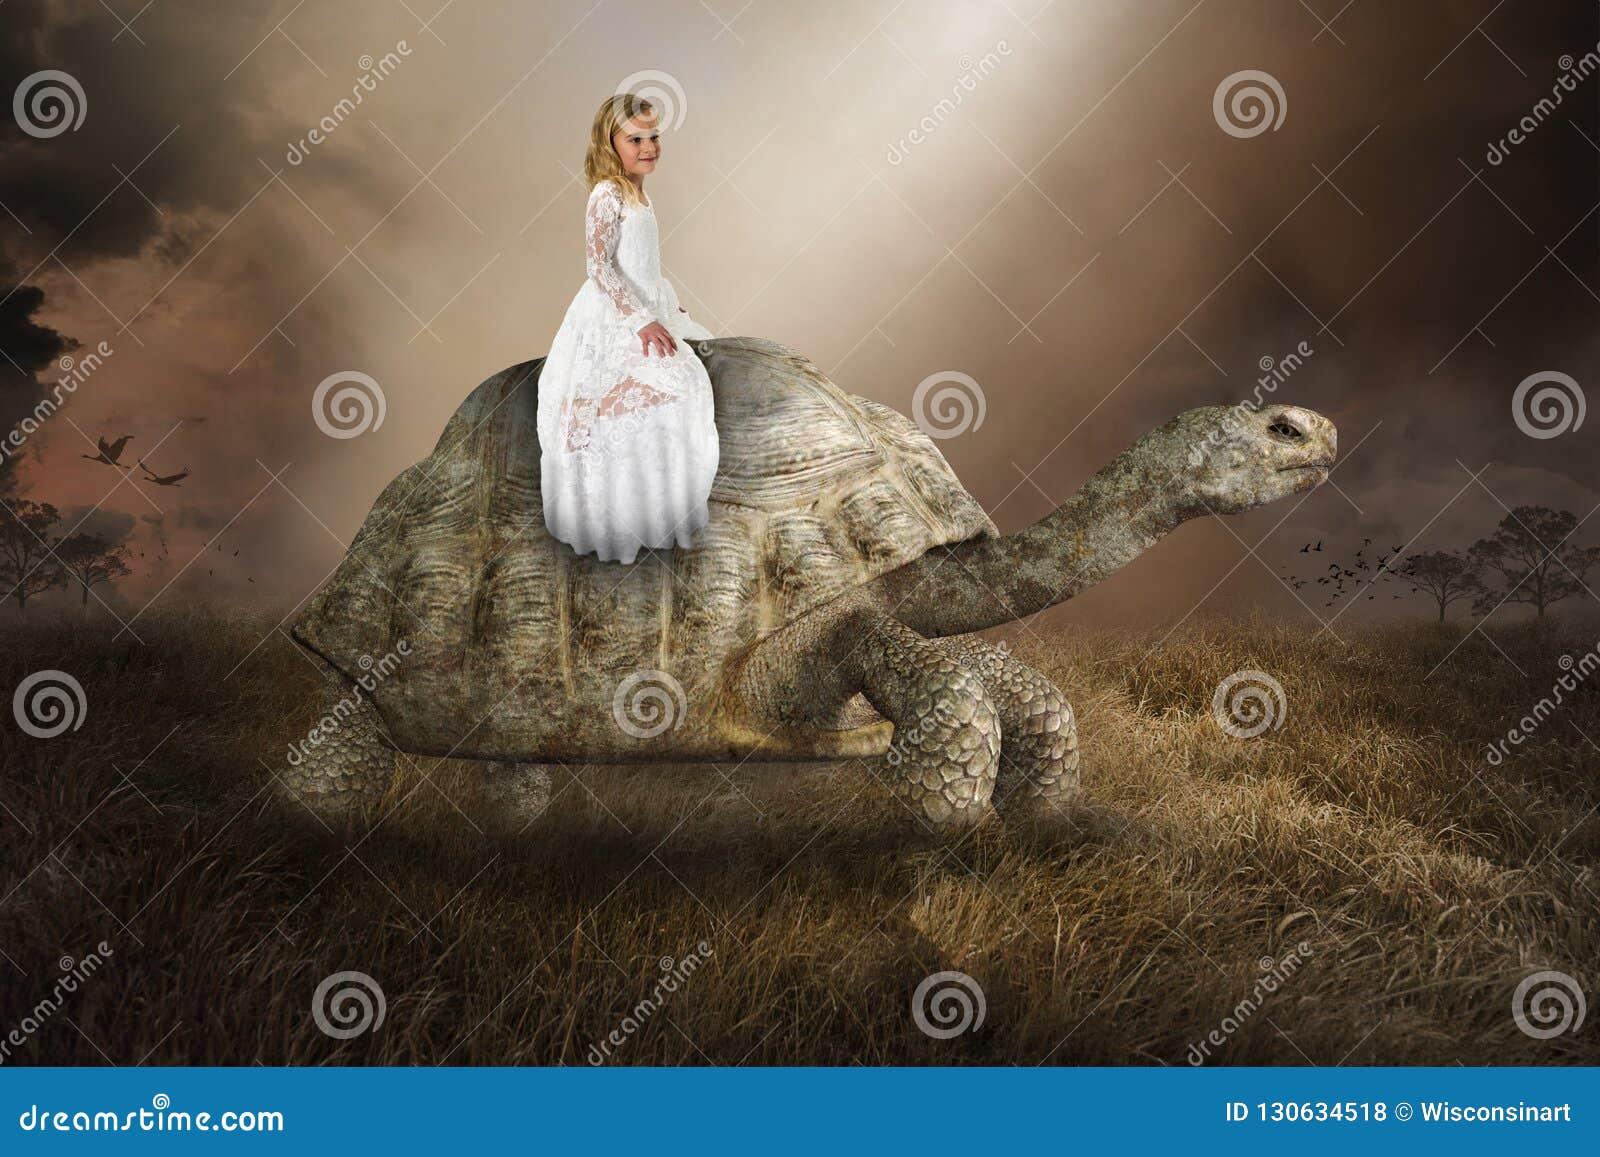 Υπερφυσικό κορίτσι, χελώνα, Tortoise, φύση, ειρήνη, αγάπη